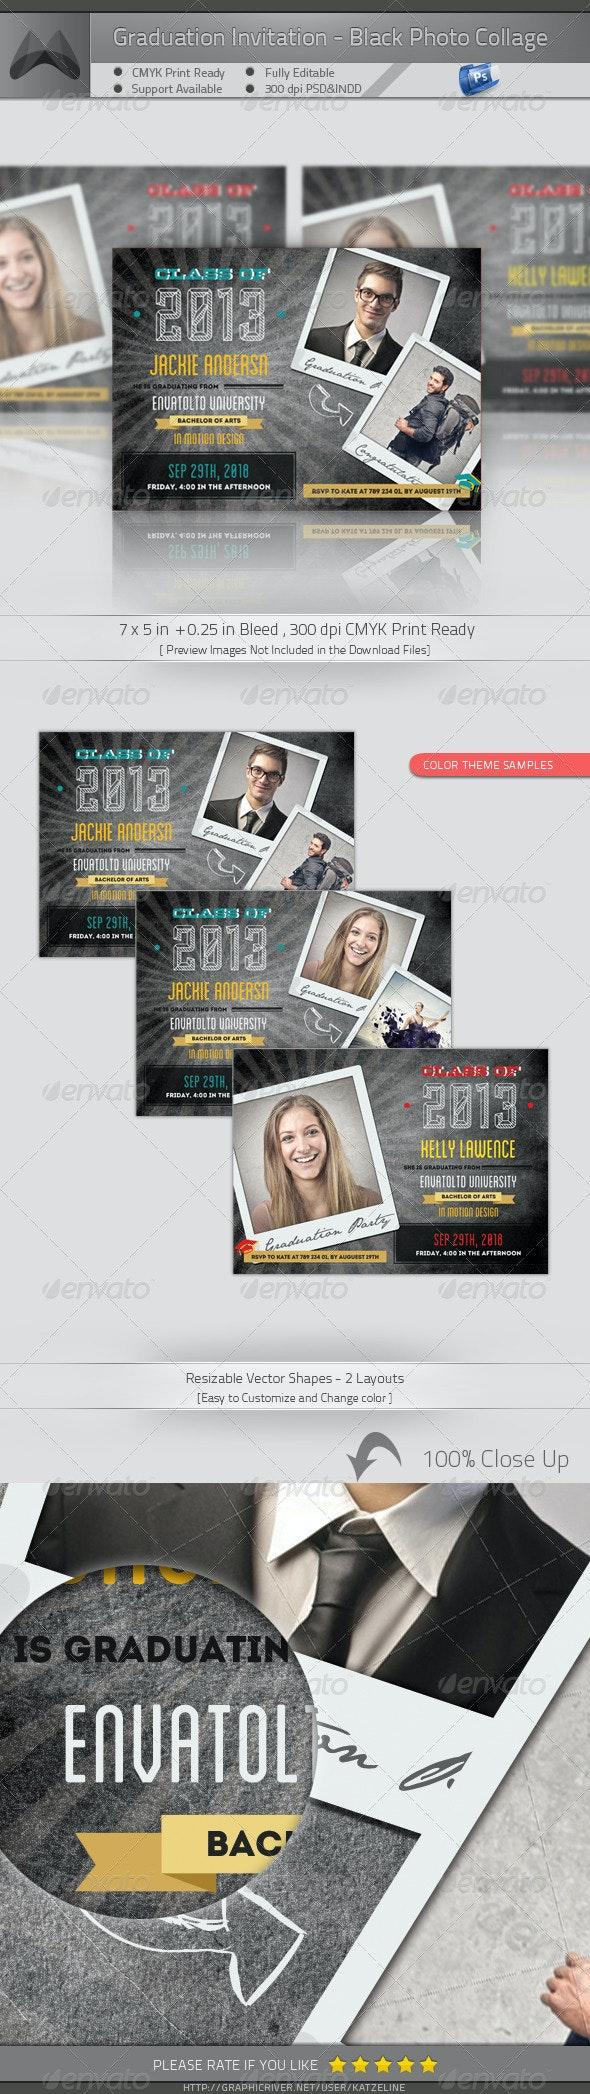 Graduation Announcement - Blackboard Photo Collage - Invitations Cards & Invites